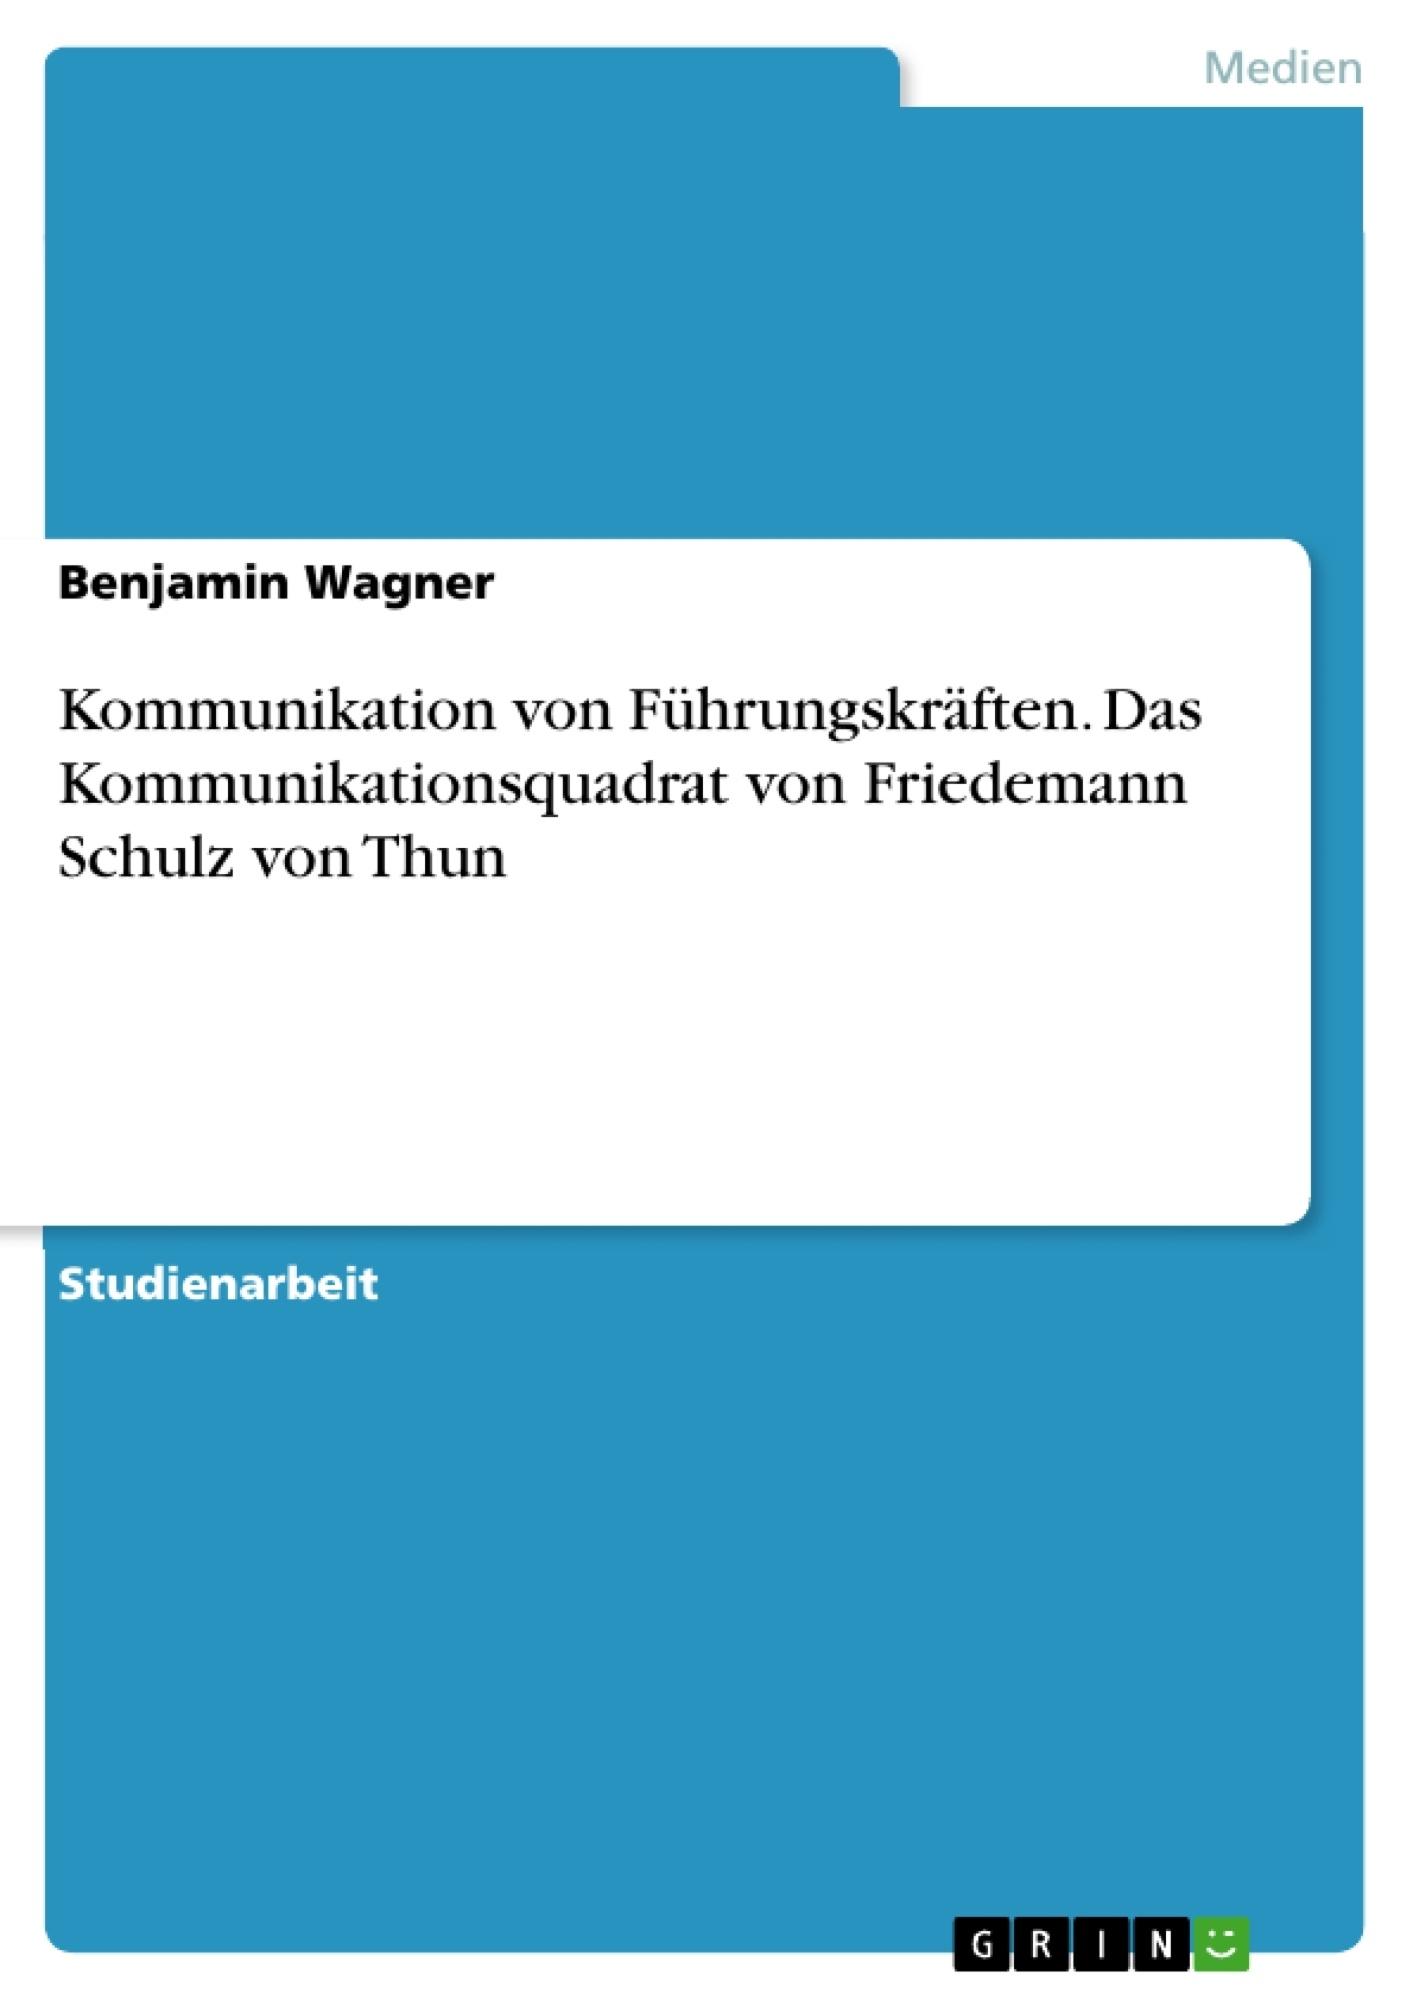 Titel: Kommunikation von Führungskräften. Das Kommunikationsquadrat von Friedemann Schulz von Thun